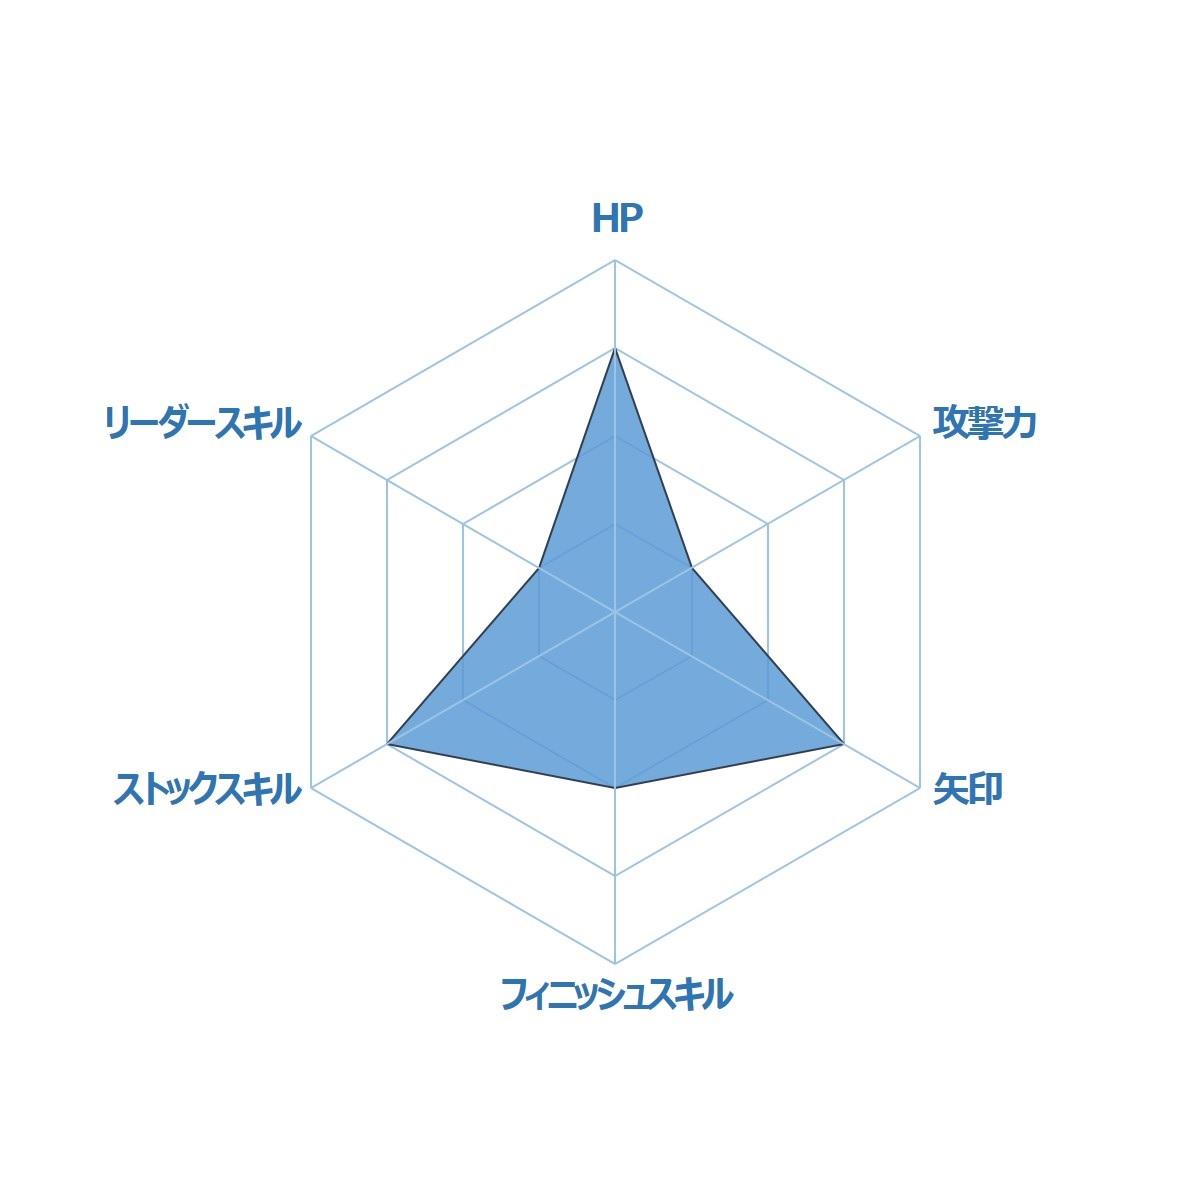 ガルズモンズ【キャラ性能・評価】コパカッパーナ